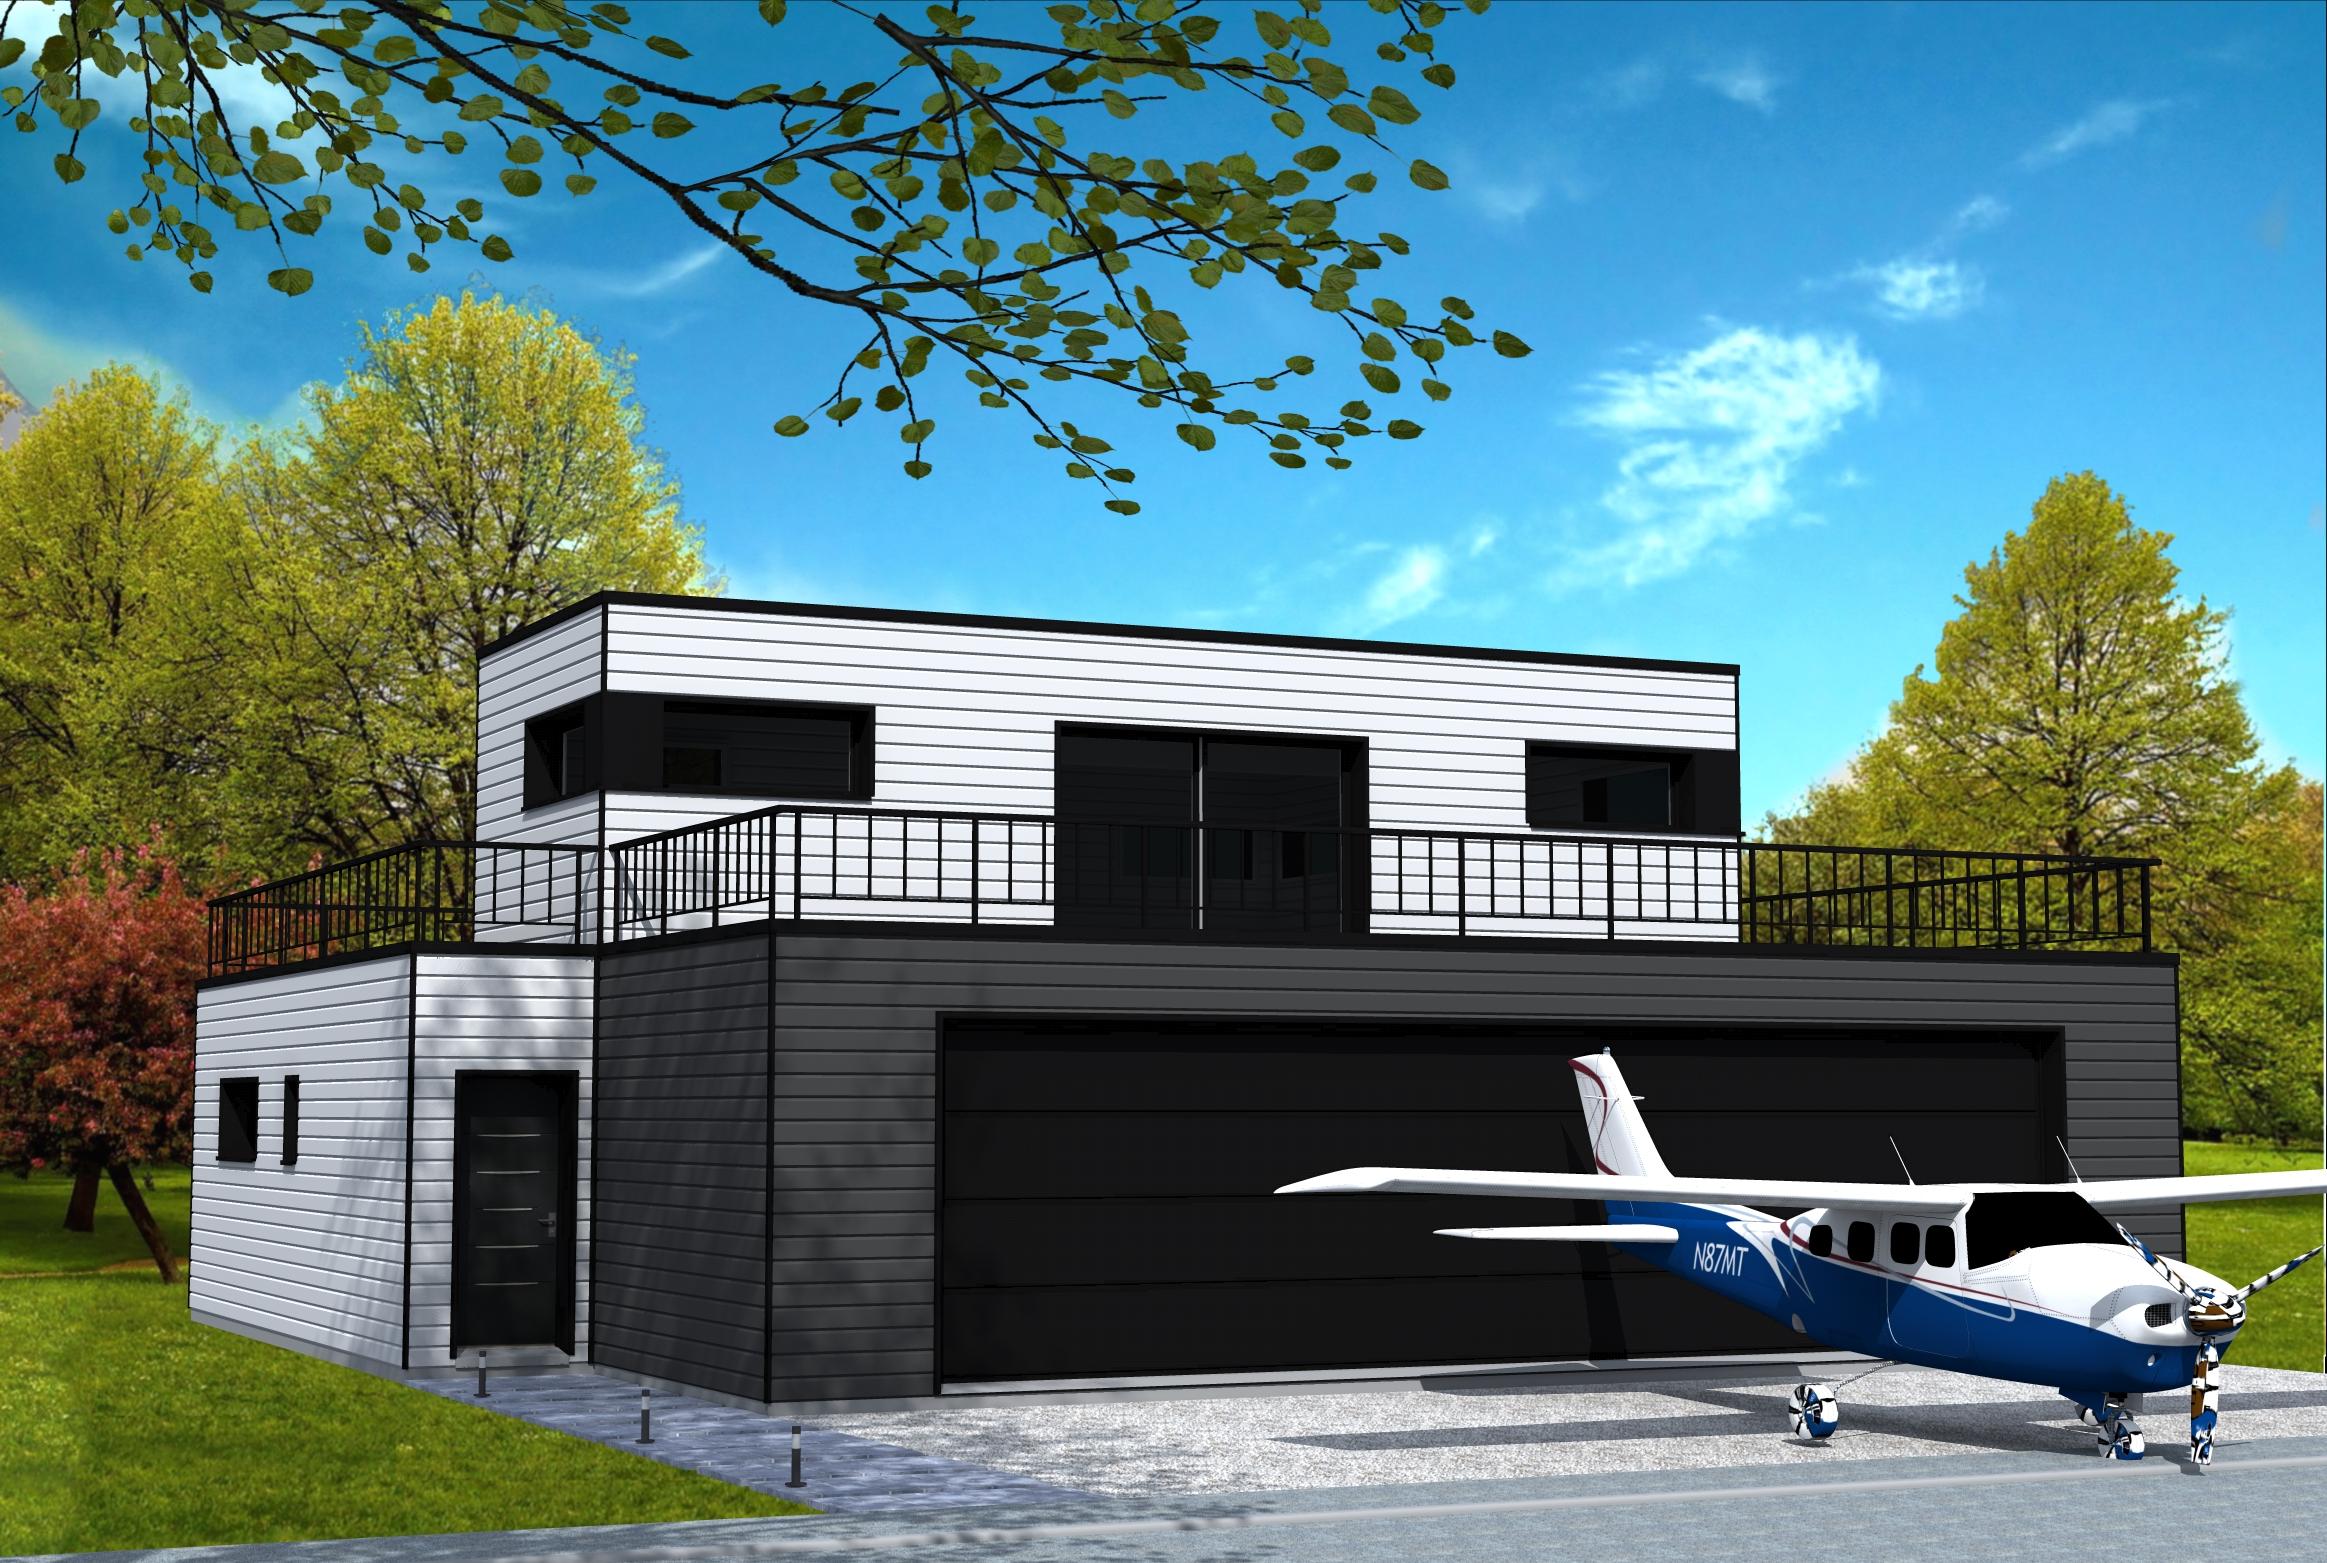 Maison Cubique Avec Garage Pour Avion Yohann Baheux